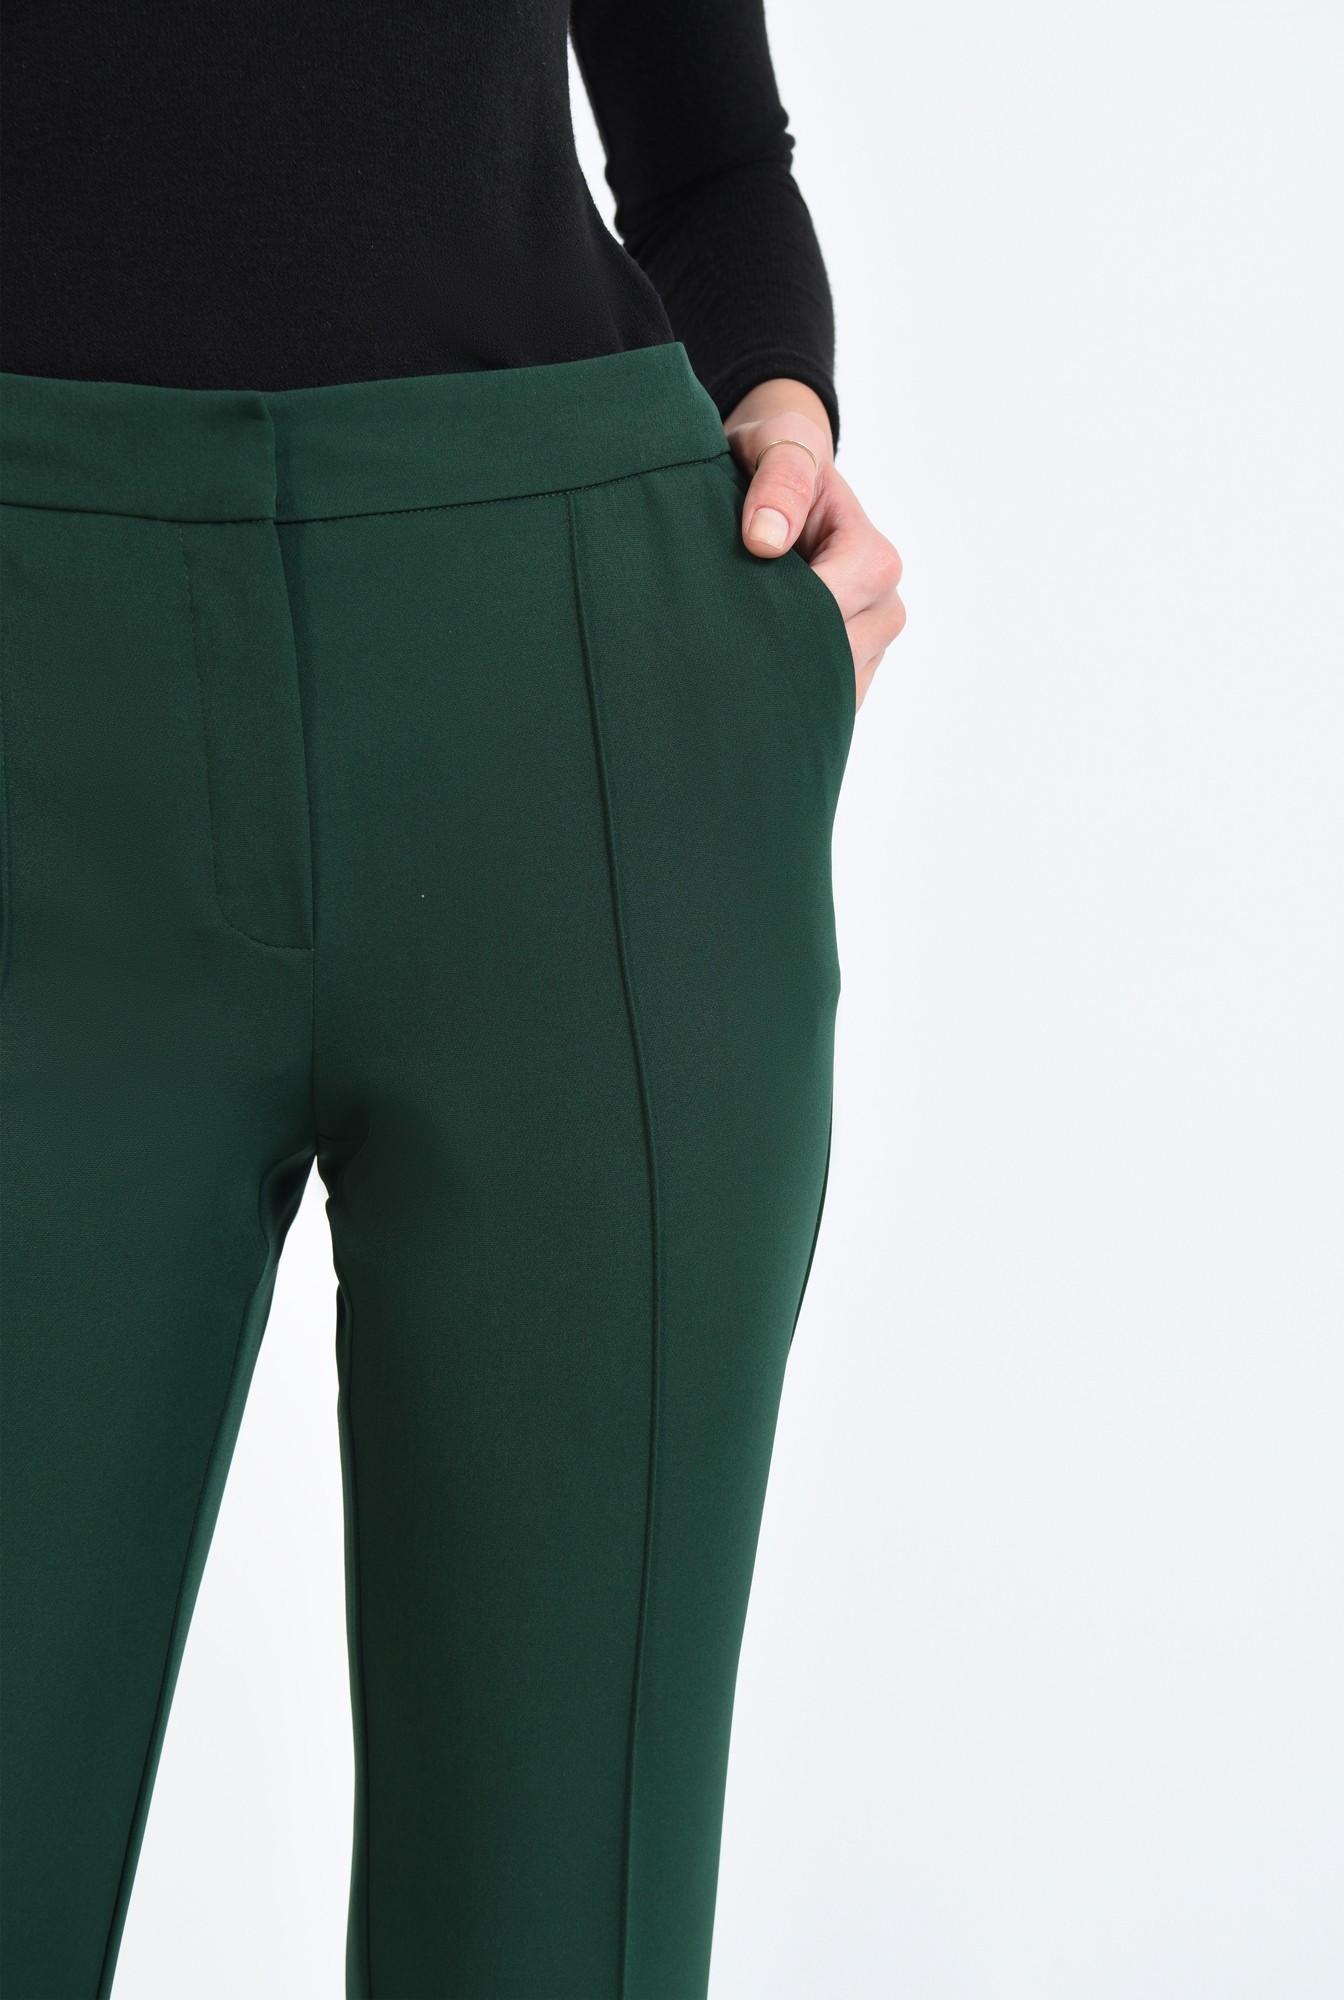 2 - 360 - pantaloni de toamna, tesatura texturata, croi pana, talie medie